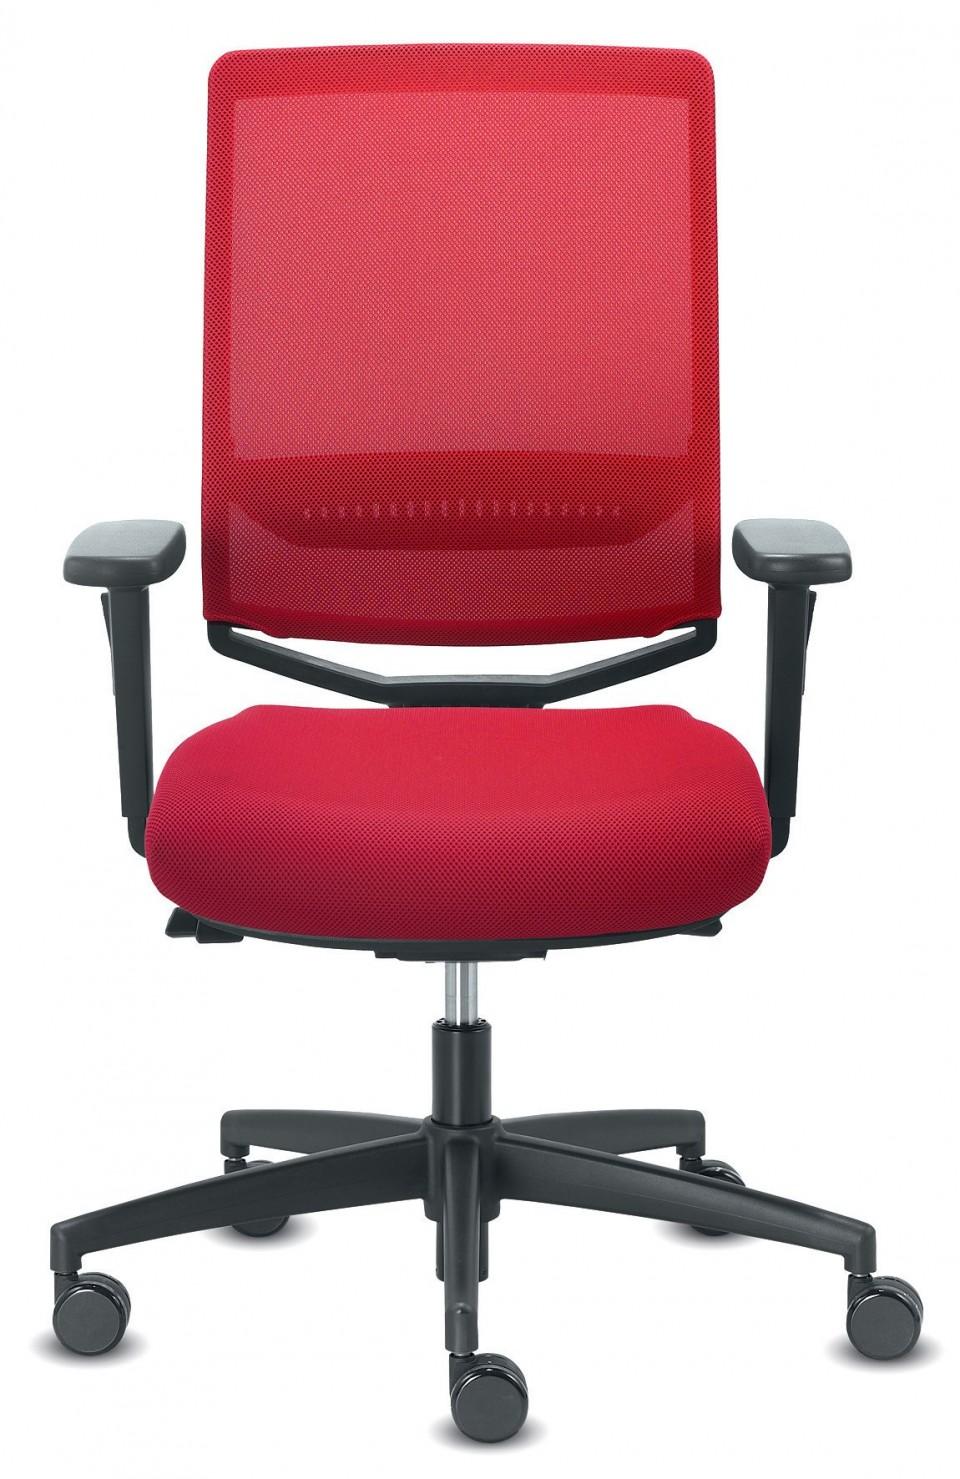 fauteuil de bureau ergonomique my self achat si ges ergonomiques 389 00. Black Bedroom Furniture Sets. Home Design Ideas